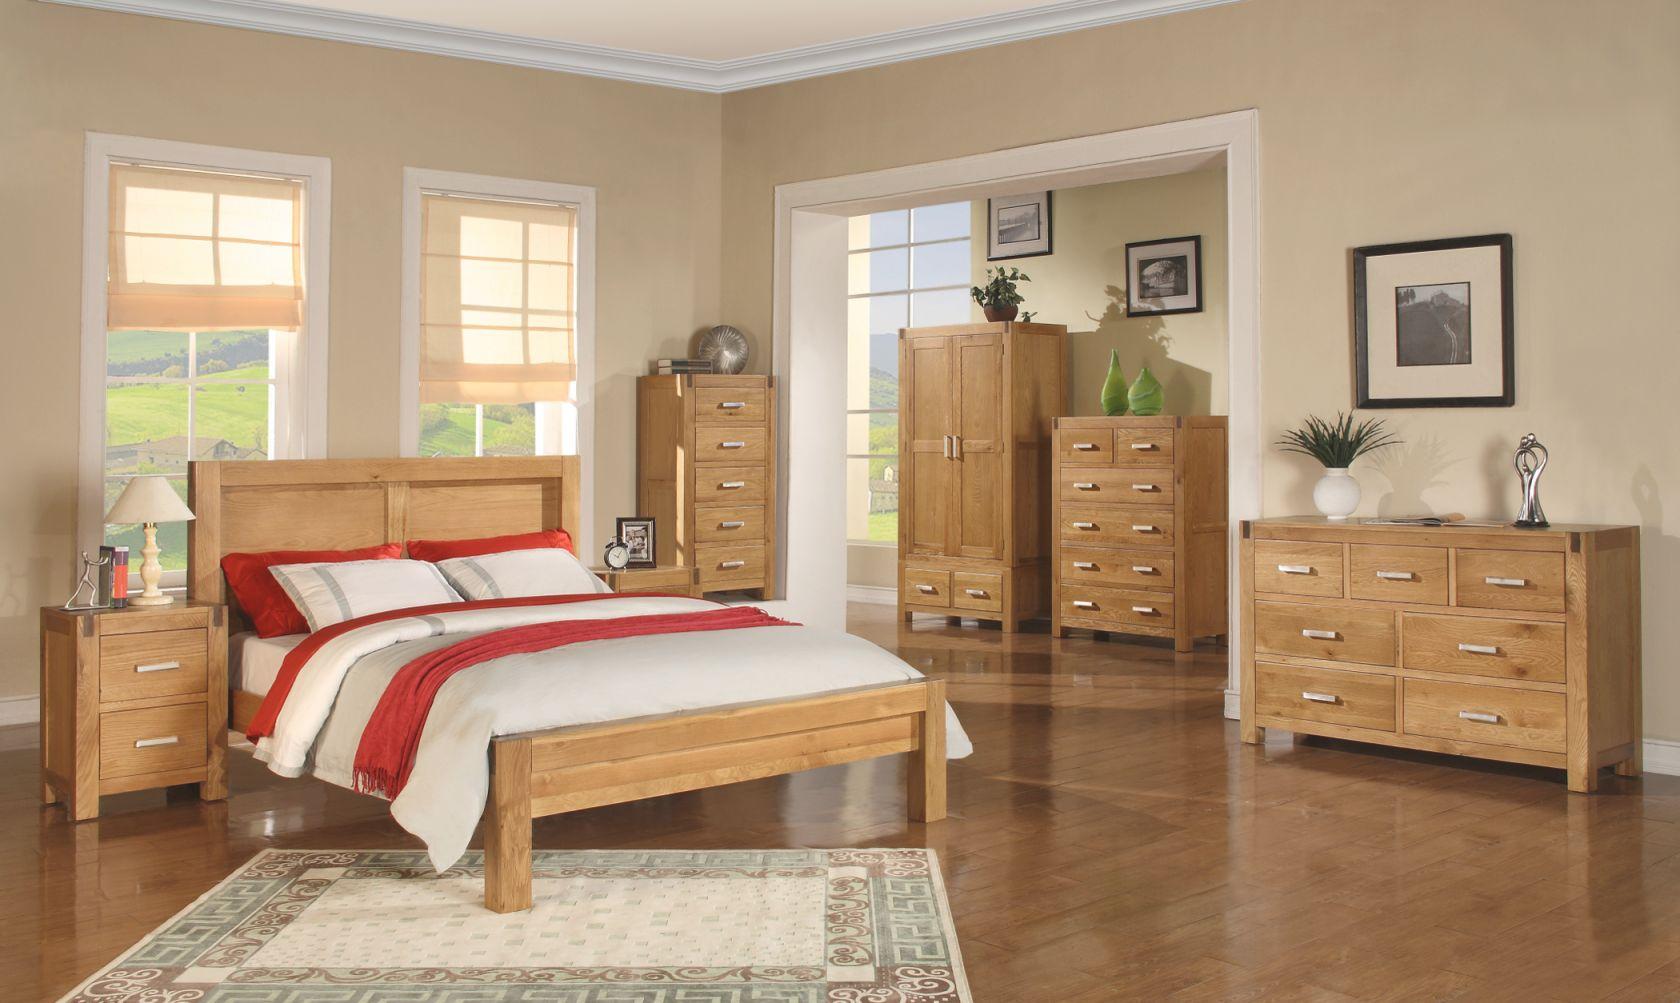 Bedroom Design : Mirrored Set Solid Oak Furniture Hardwood inside Luxury Full Size Bedroom Furniture Sets